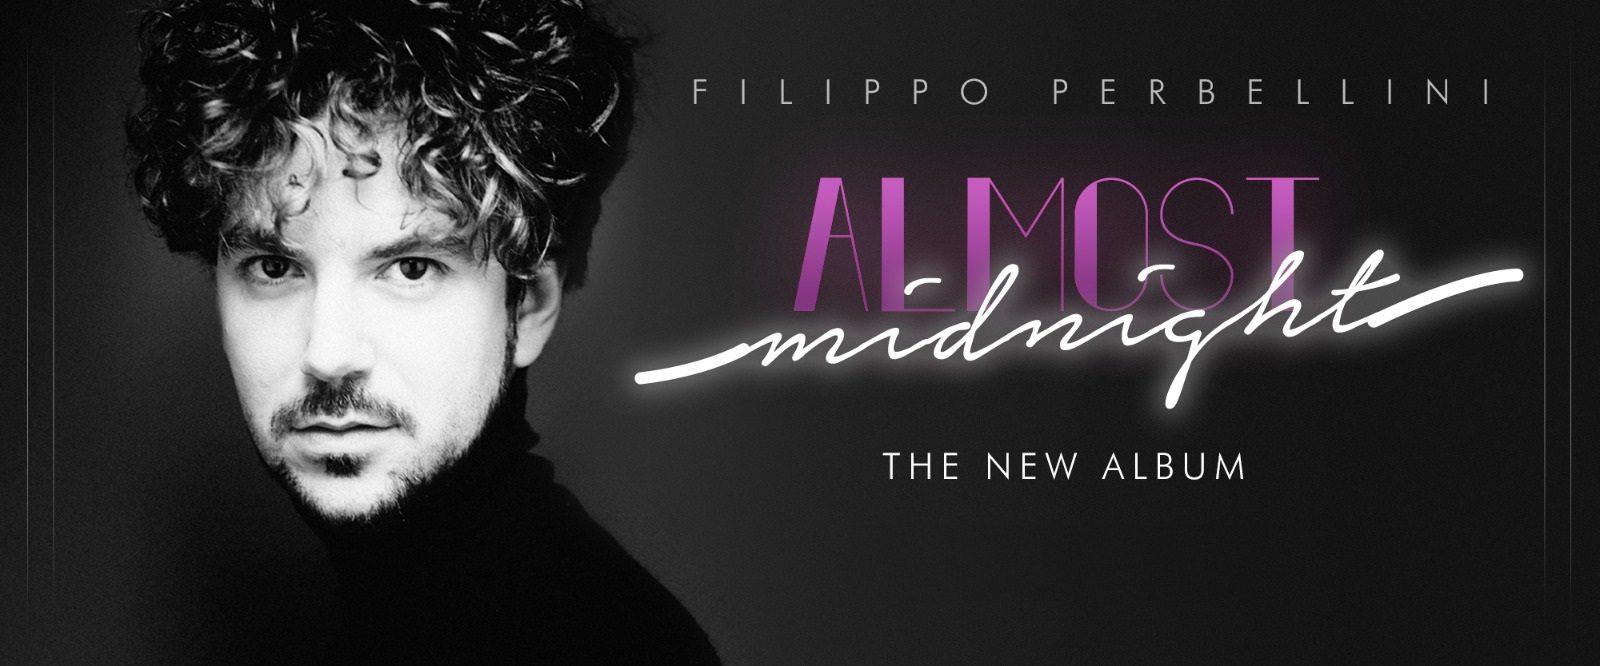 Filippo Perbellini cover Almost Midnight